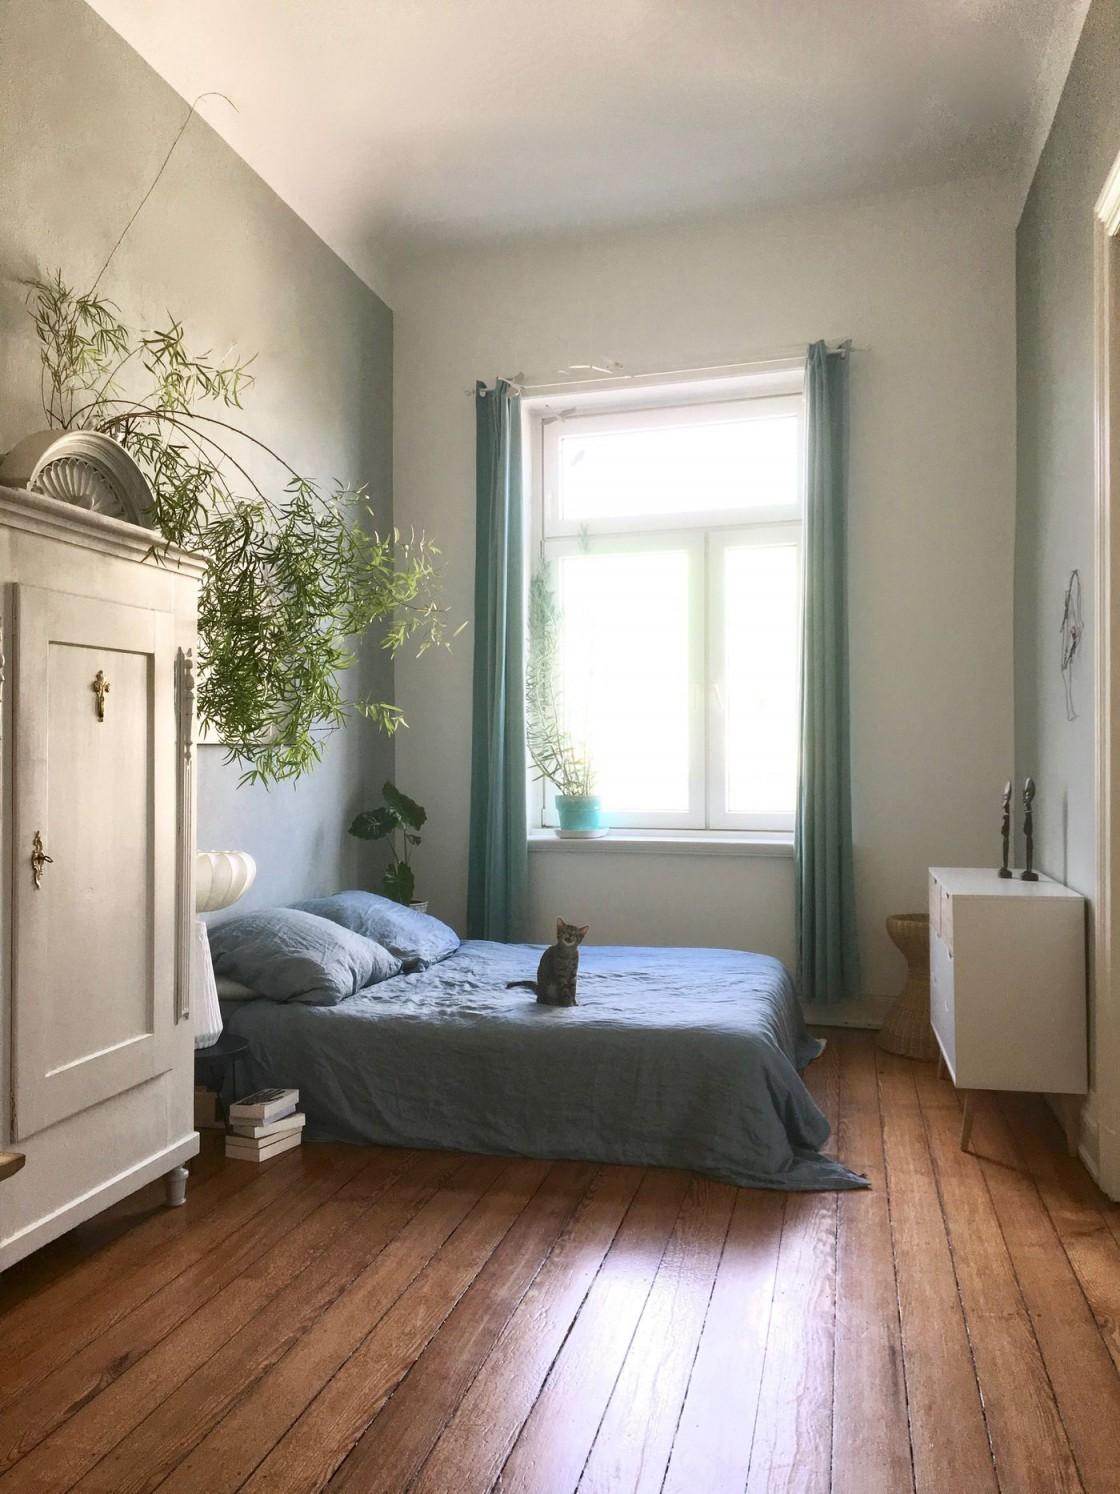 Die Schönsten Ideen Für Vorhänge  Gardinen von Schlafzimmer Vorhänge Ideen Photo